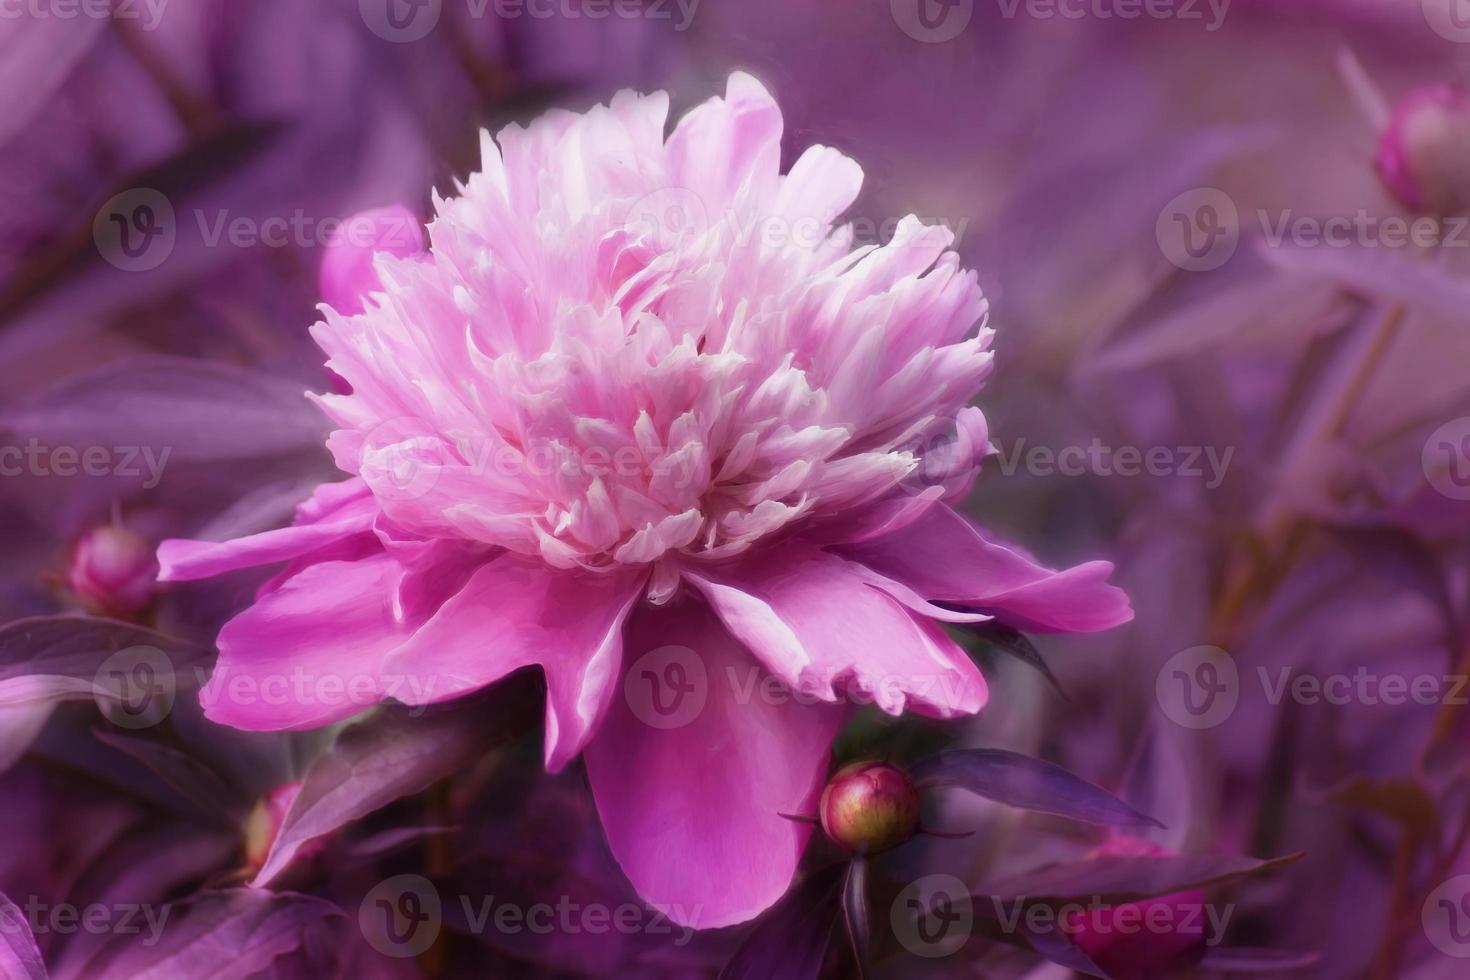 arte digital, efecto de pintura, flores de crisantemo rosa foto